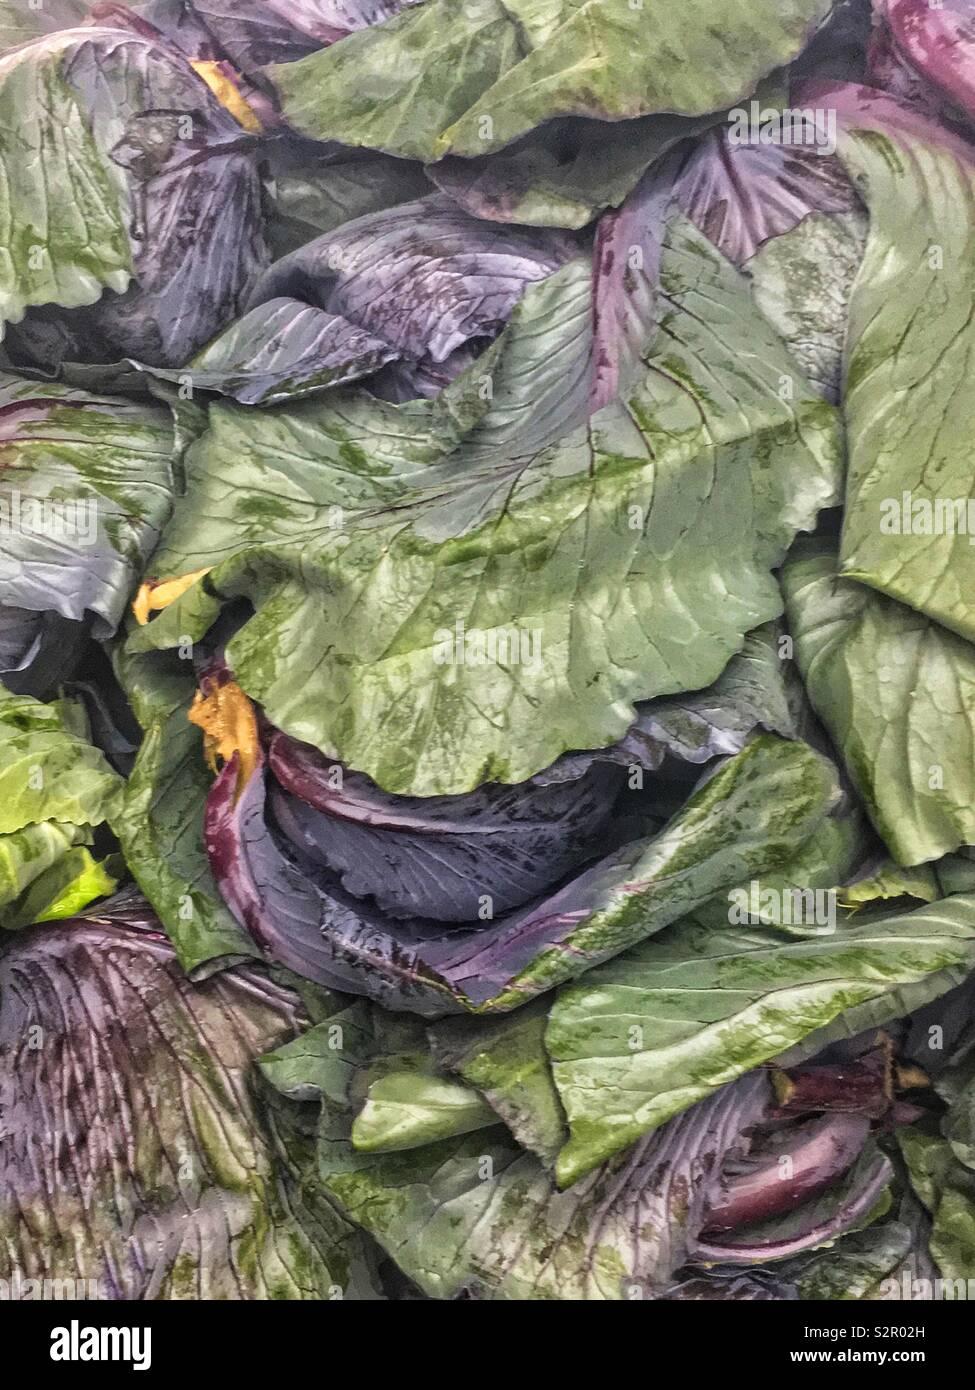 Telaio completo di deliziosi piatti freschi maturi cavolo rosso, Brassica oleracea, cavolo viola, rosso kraut o blu kraut foglie. Immagini Stock